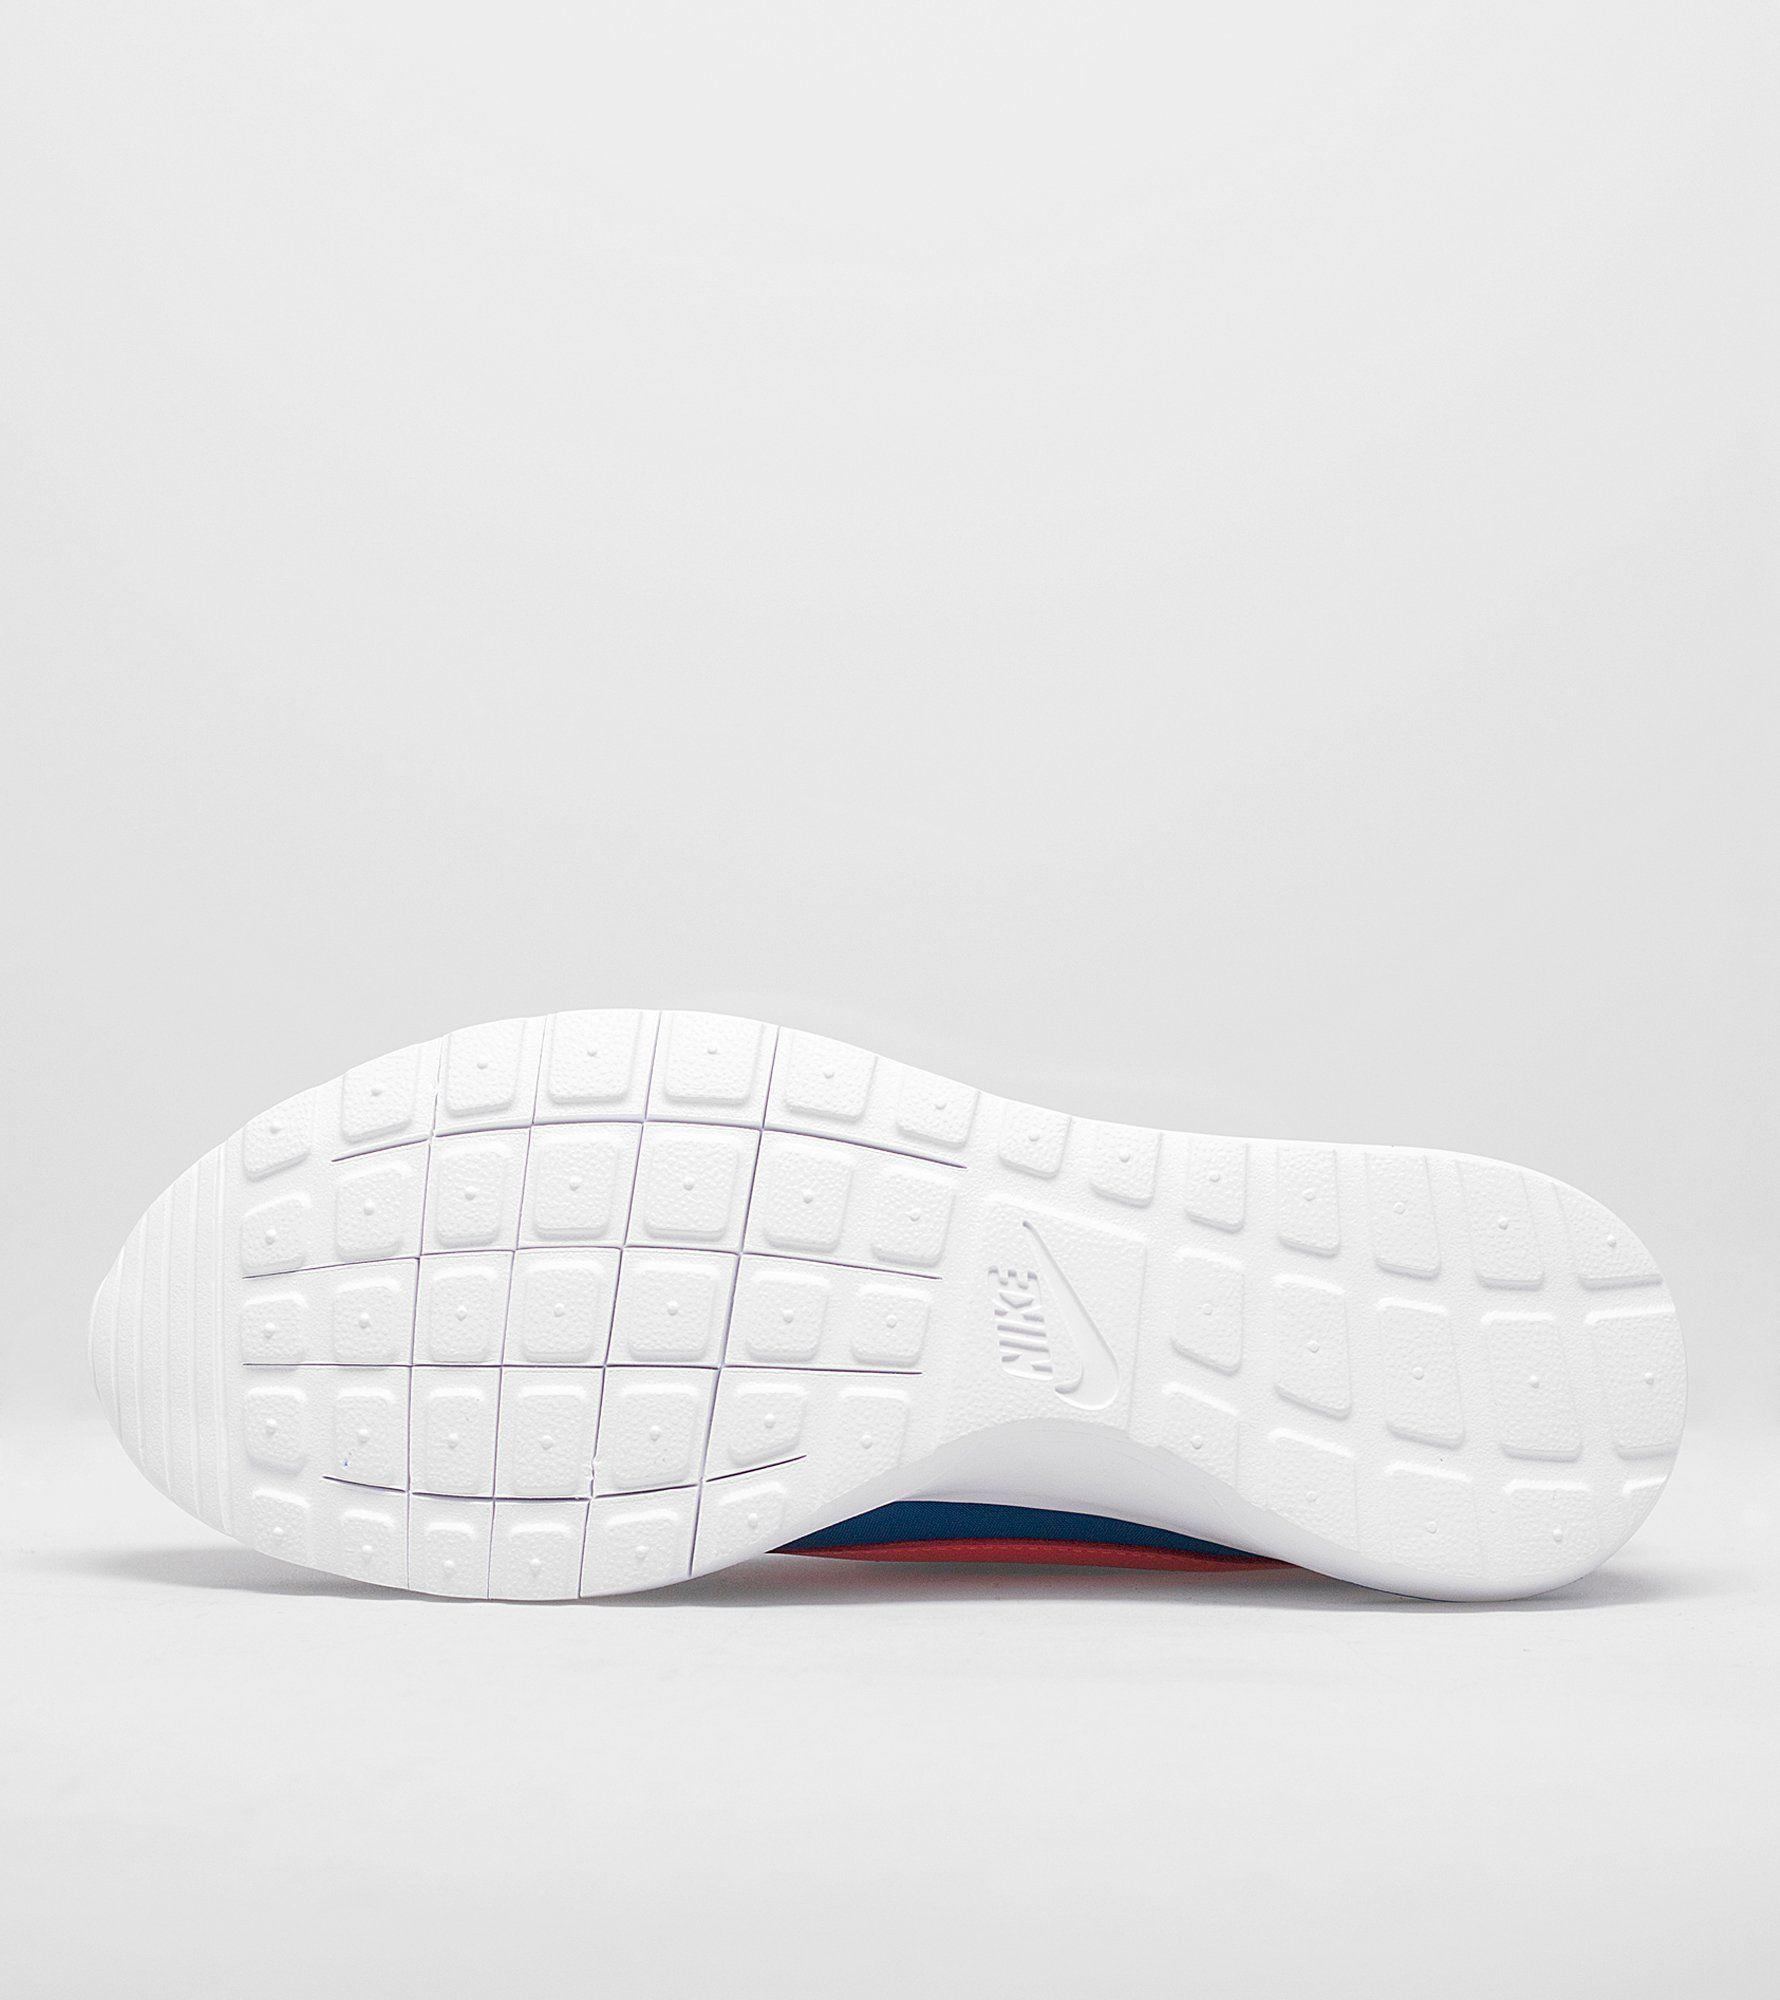 gehoy Nike Roshe Cortez New Motion | Size?